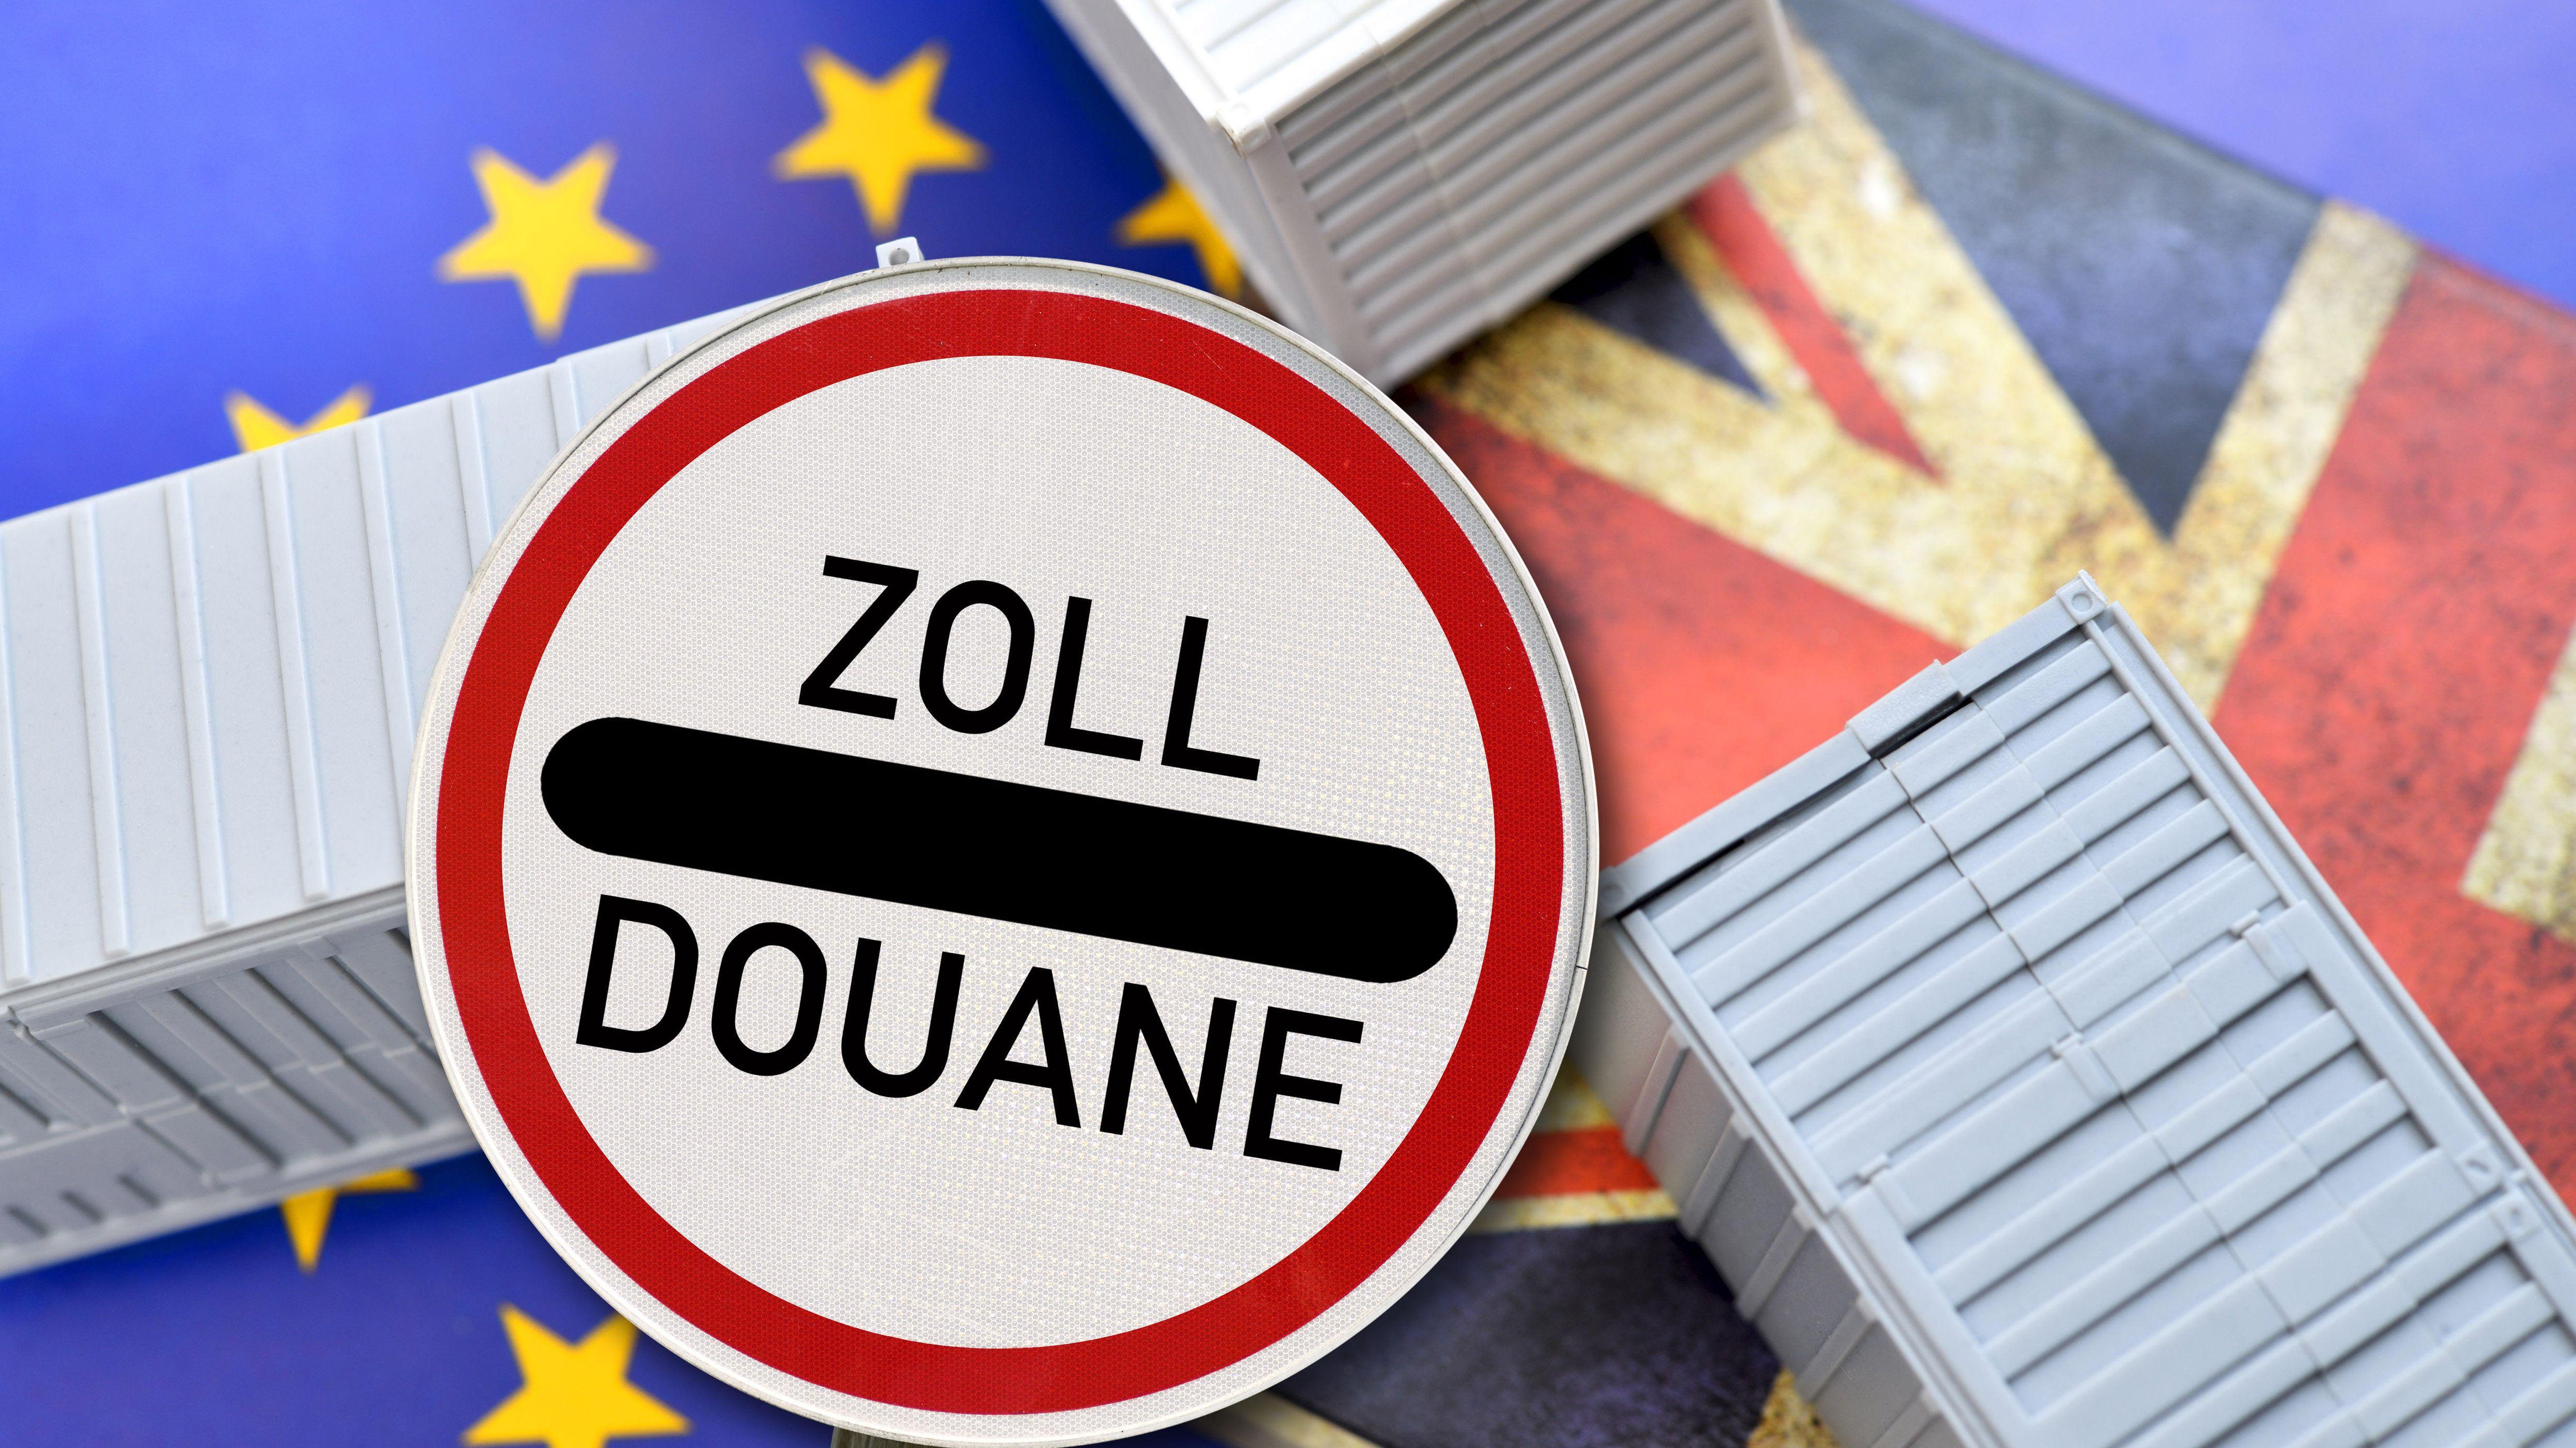 Flaggen Großbritanniens und der EU mit einem Zoll-Schild